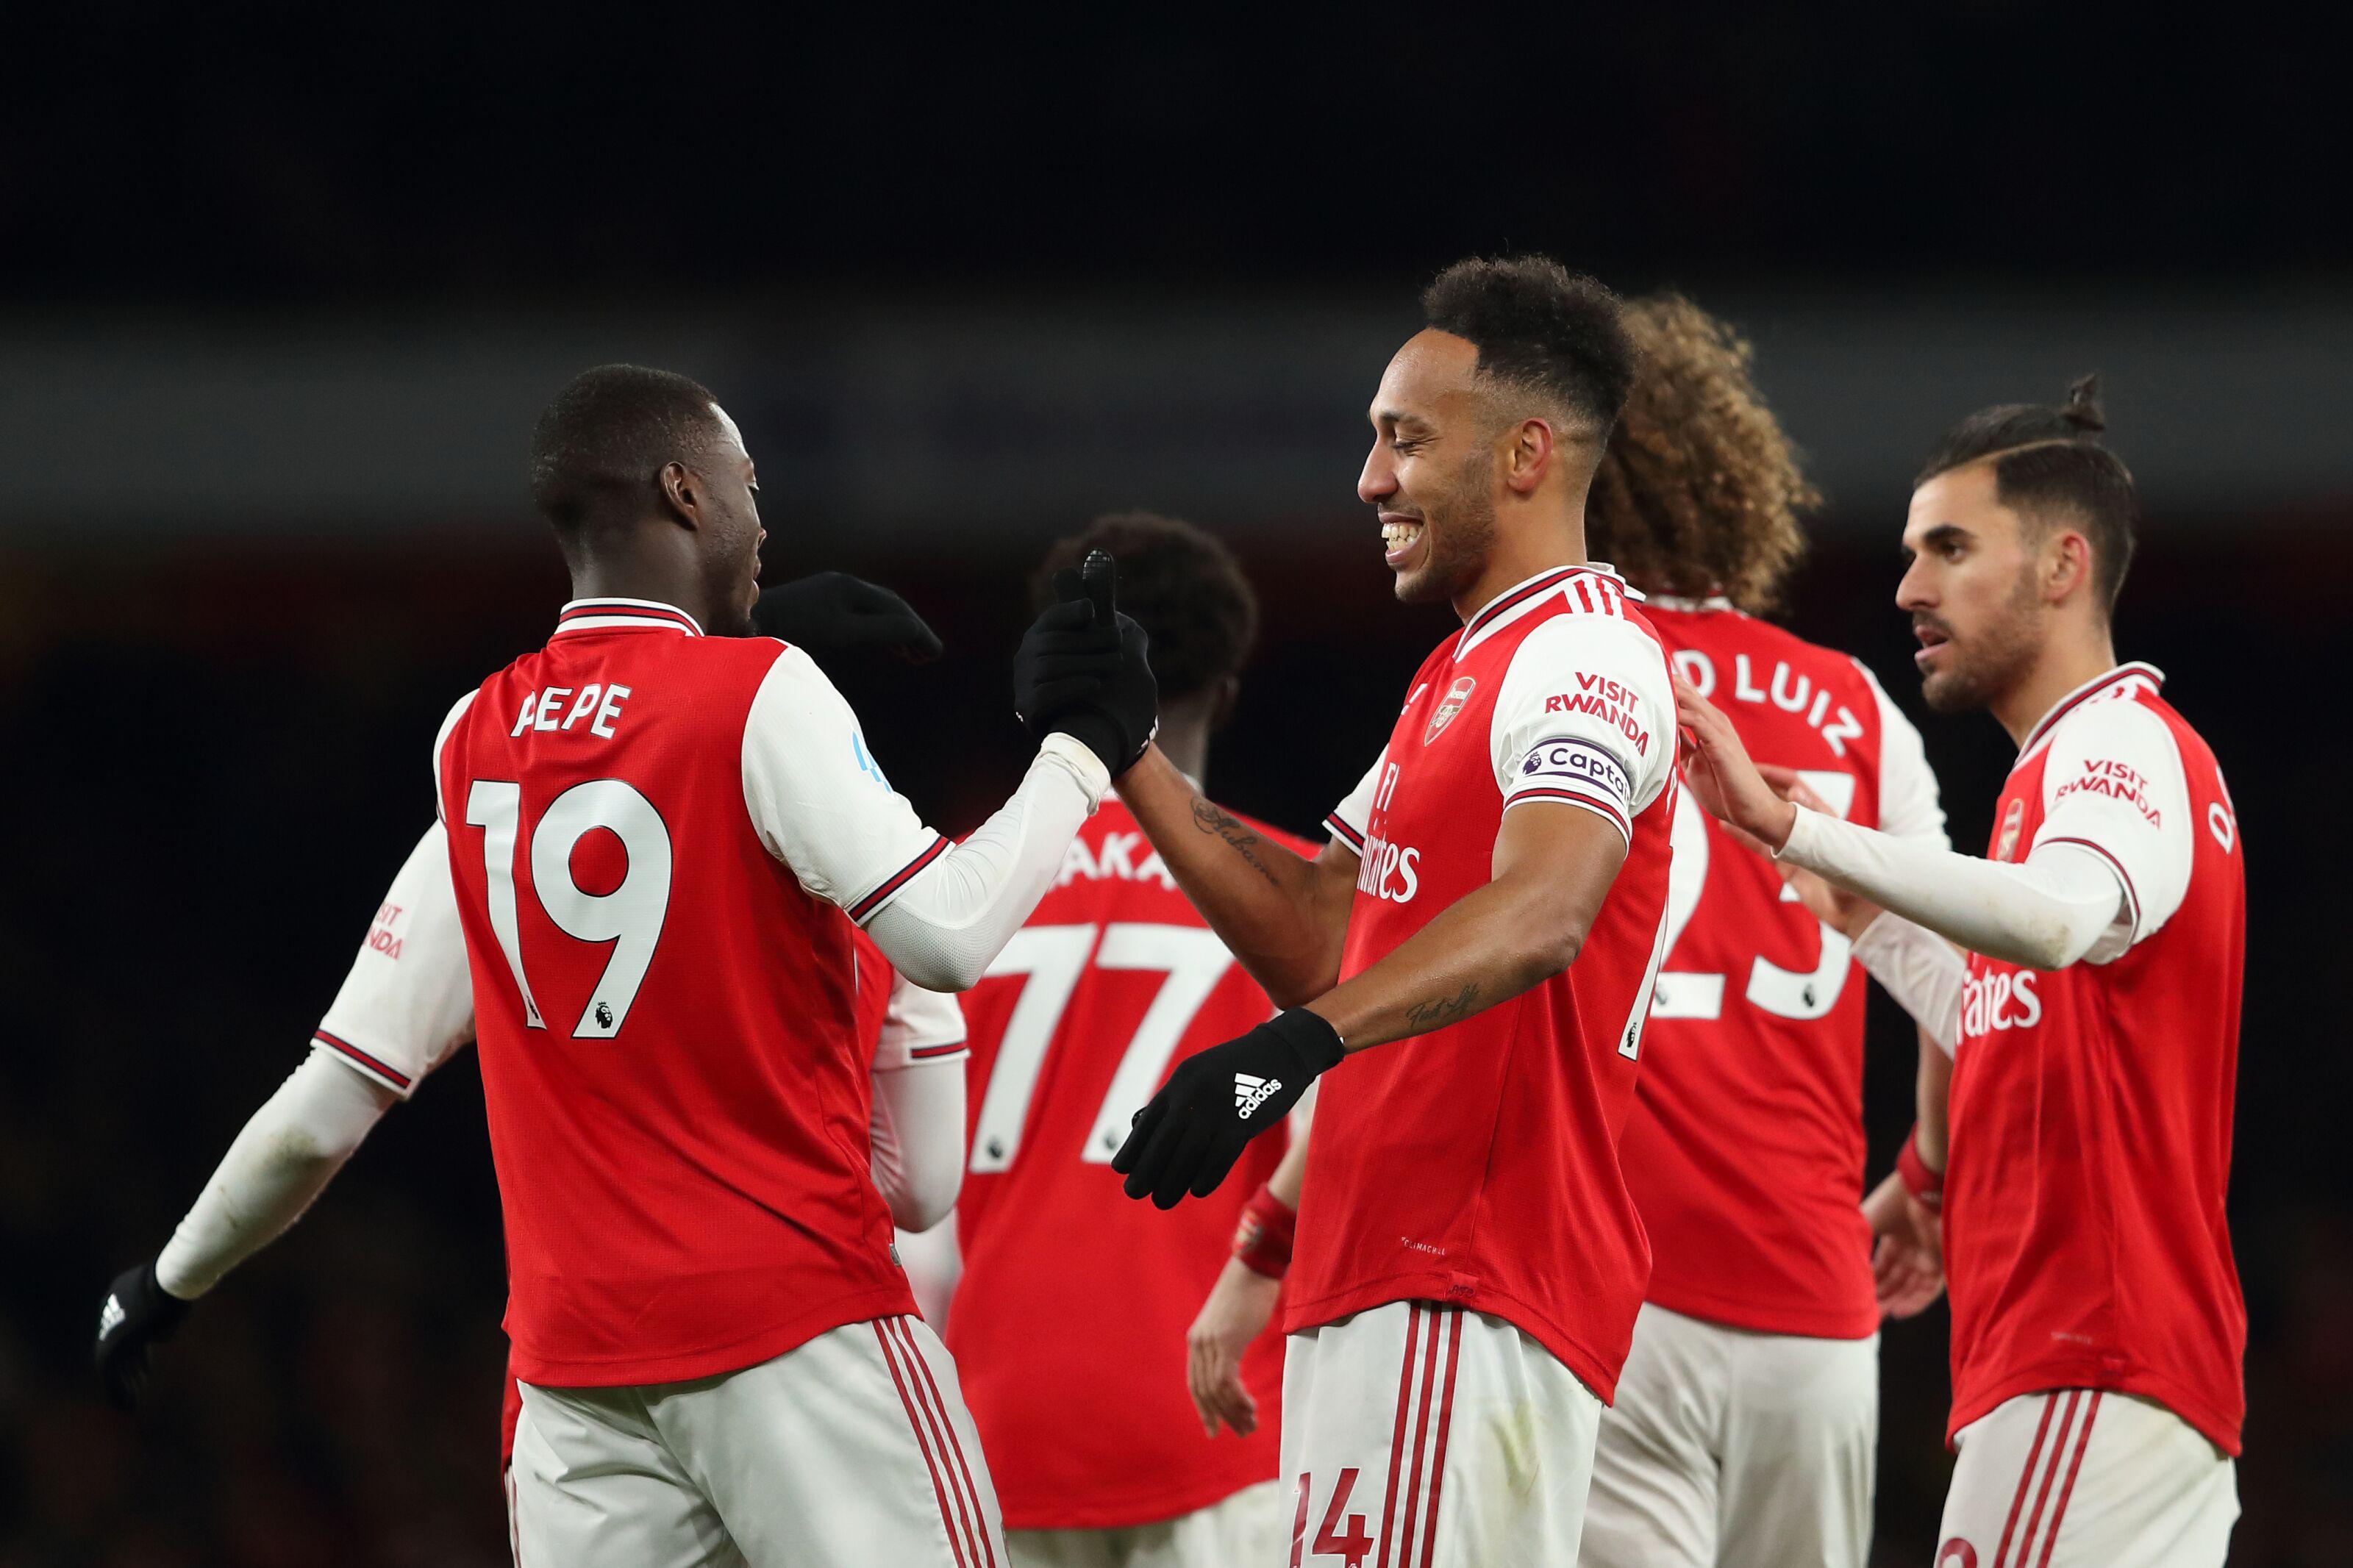 Pepe, Saka, and Ceballos shine in dominant and rare Arsenal victory